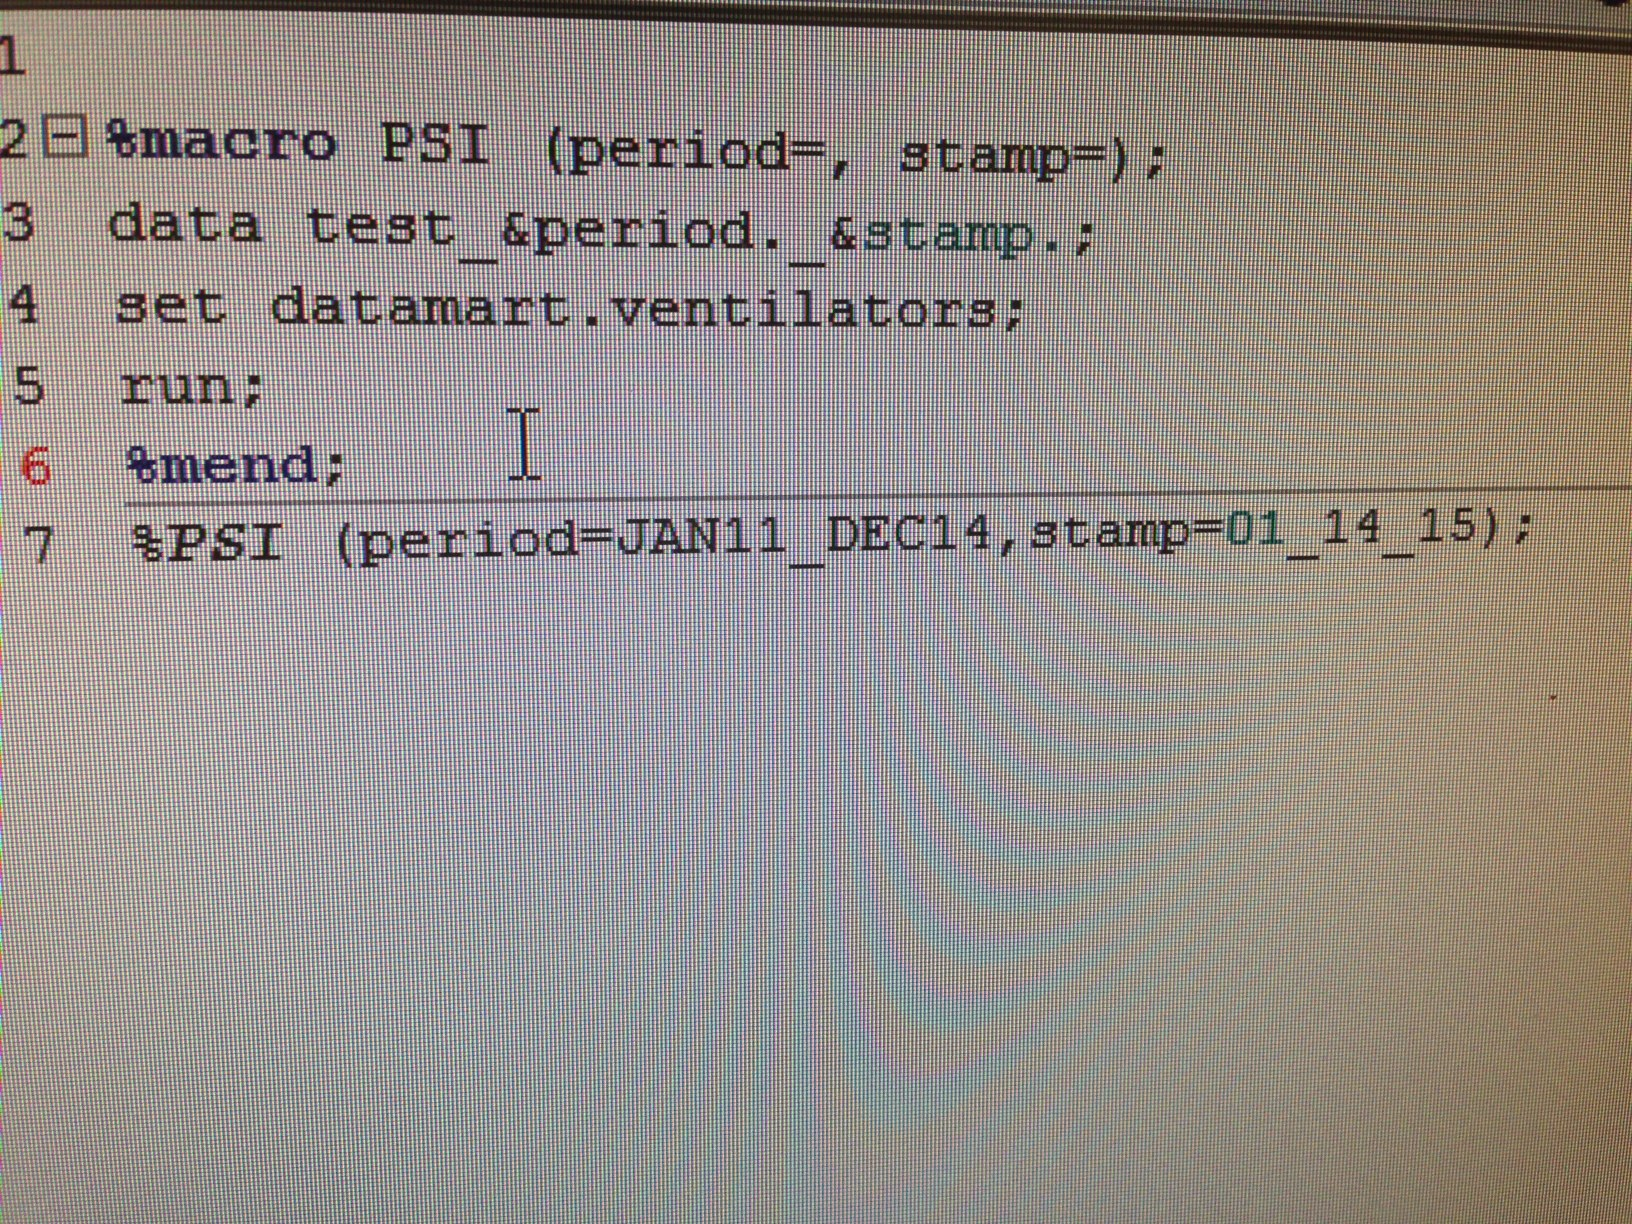 sas-code.JPG